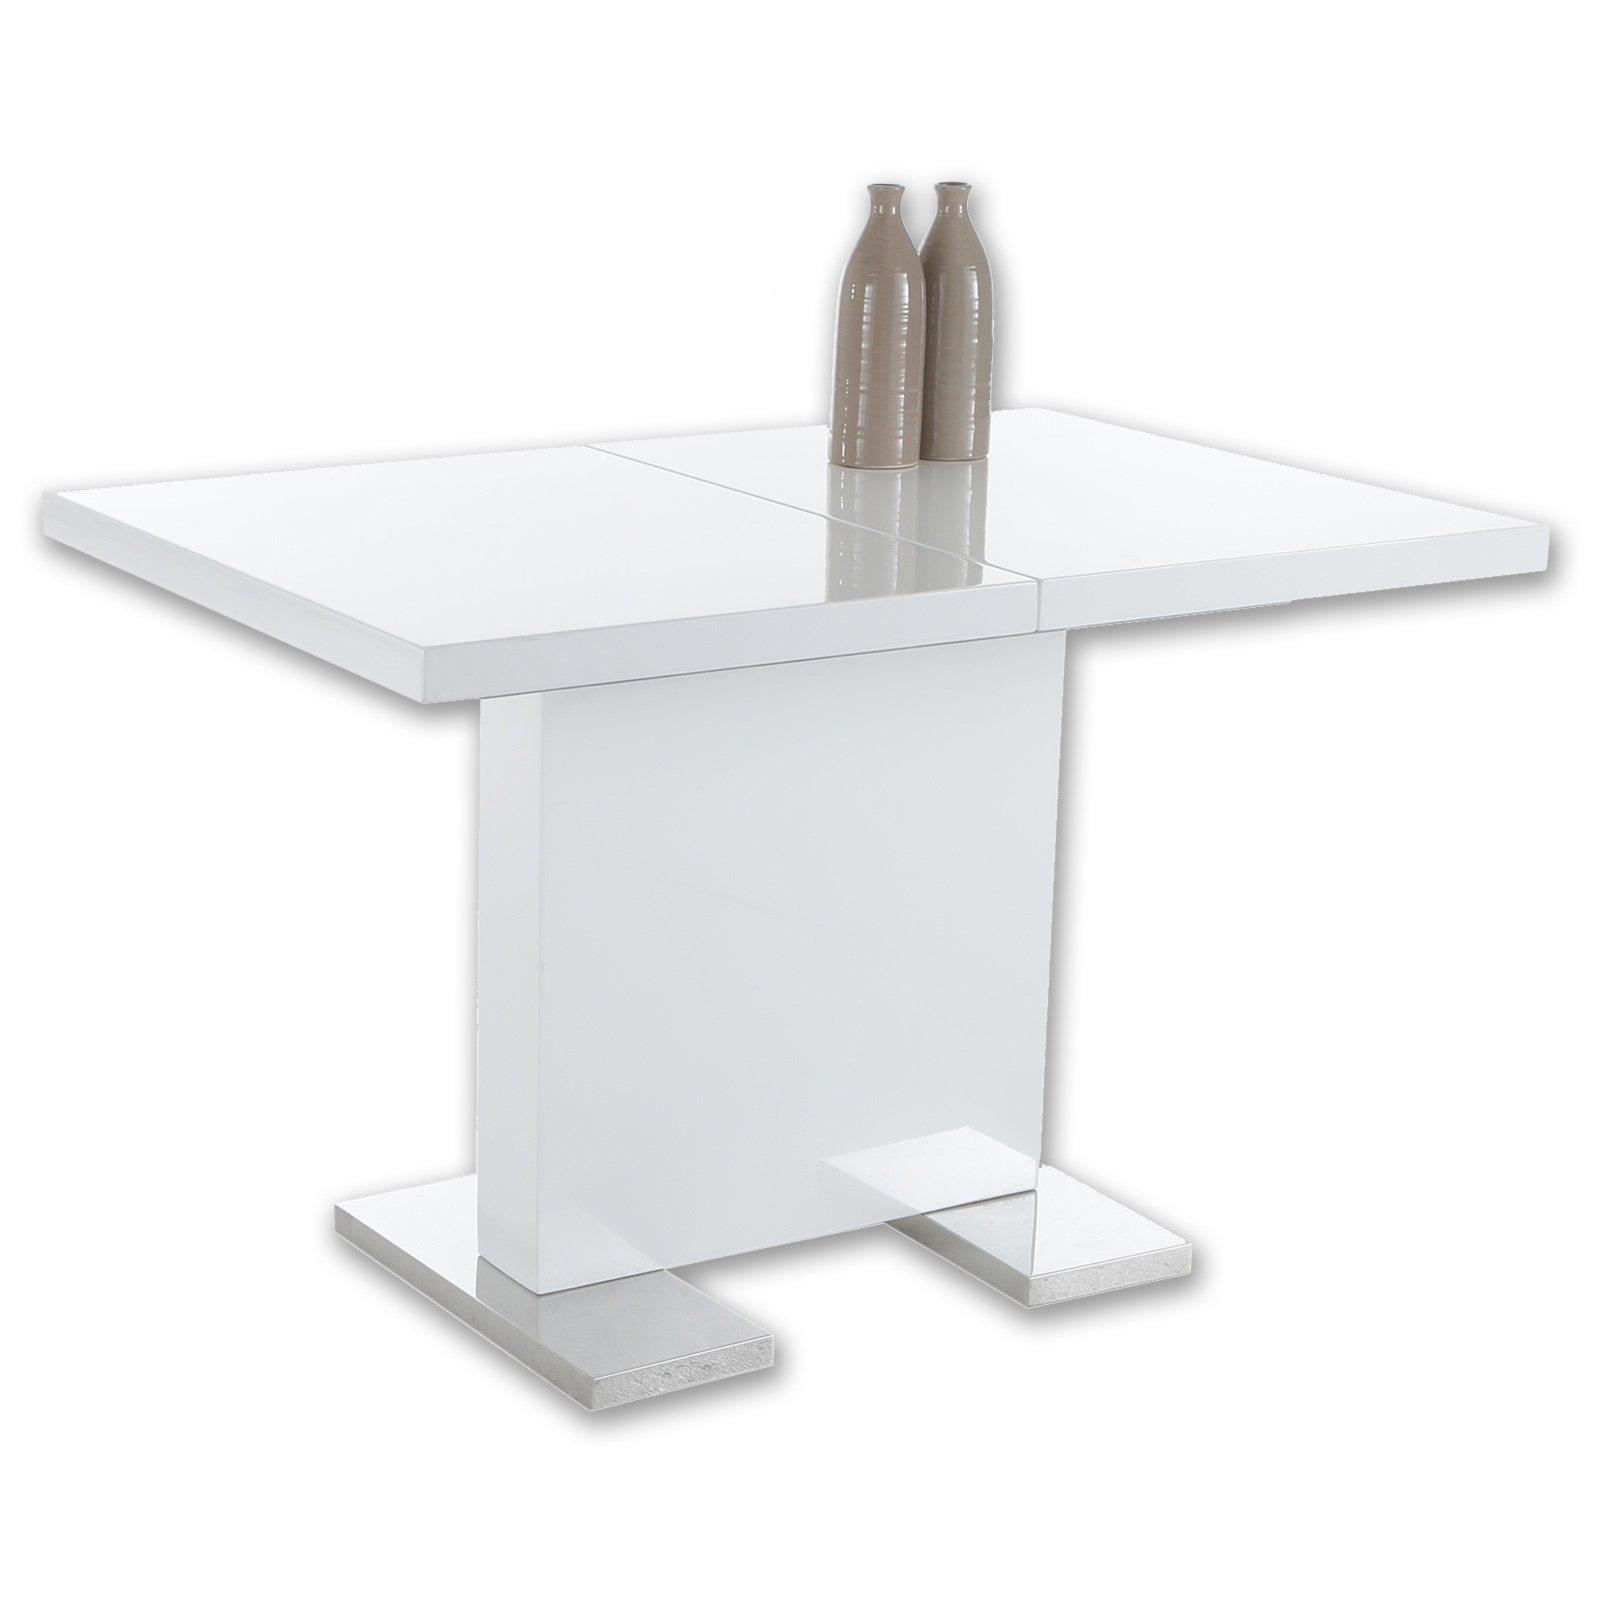 Tisch Weiß Hochglanz Ausziehbar 120x80 Cm